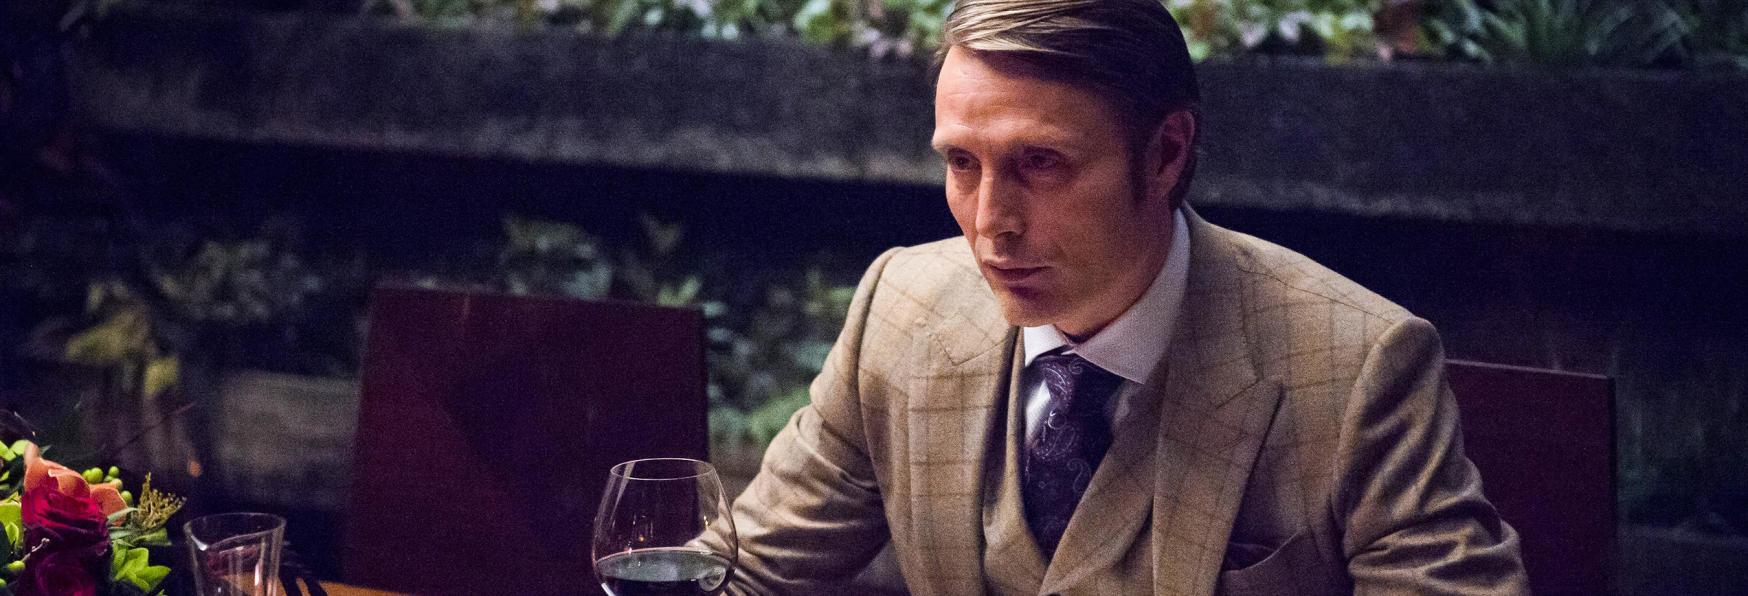 Migliorata la Qualità Video di Hannibal dopo l'Acquisto di Netflix. Presto l'Annuncio della 4° Stagione?